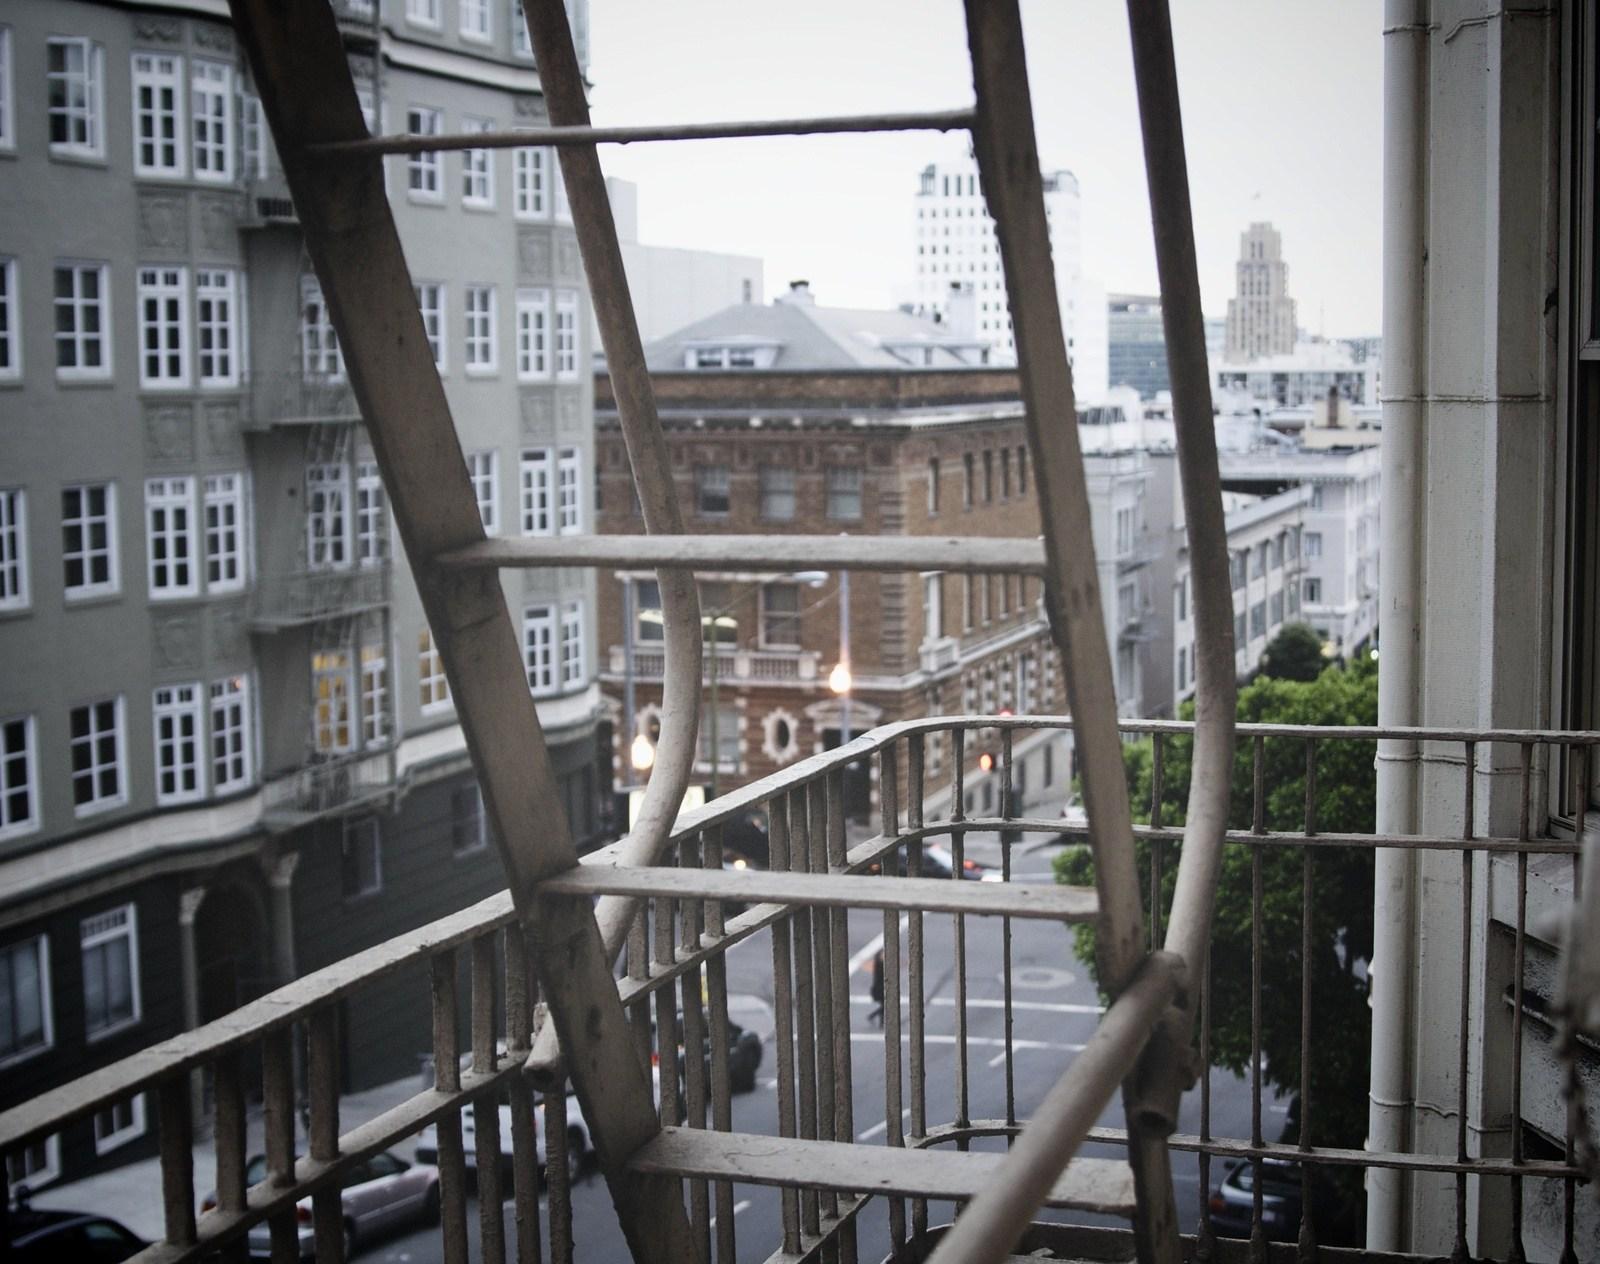 Vue de notre chambre san francisco paris en france for Chambre de commerce francaise aux usa